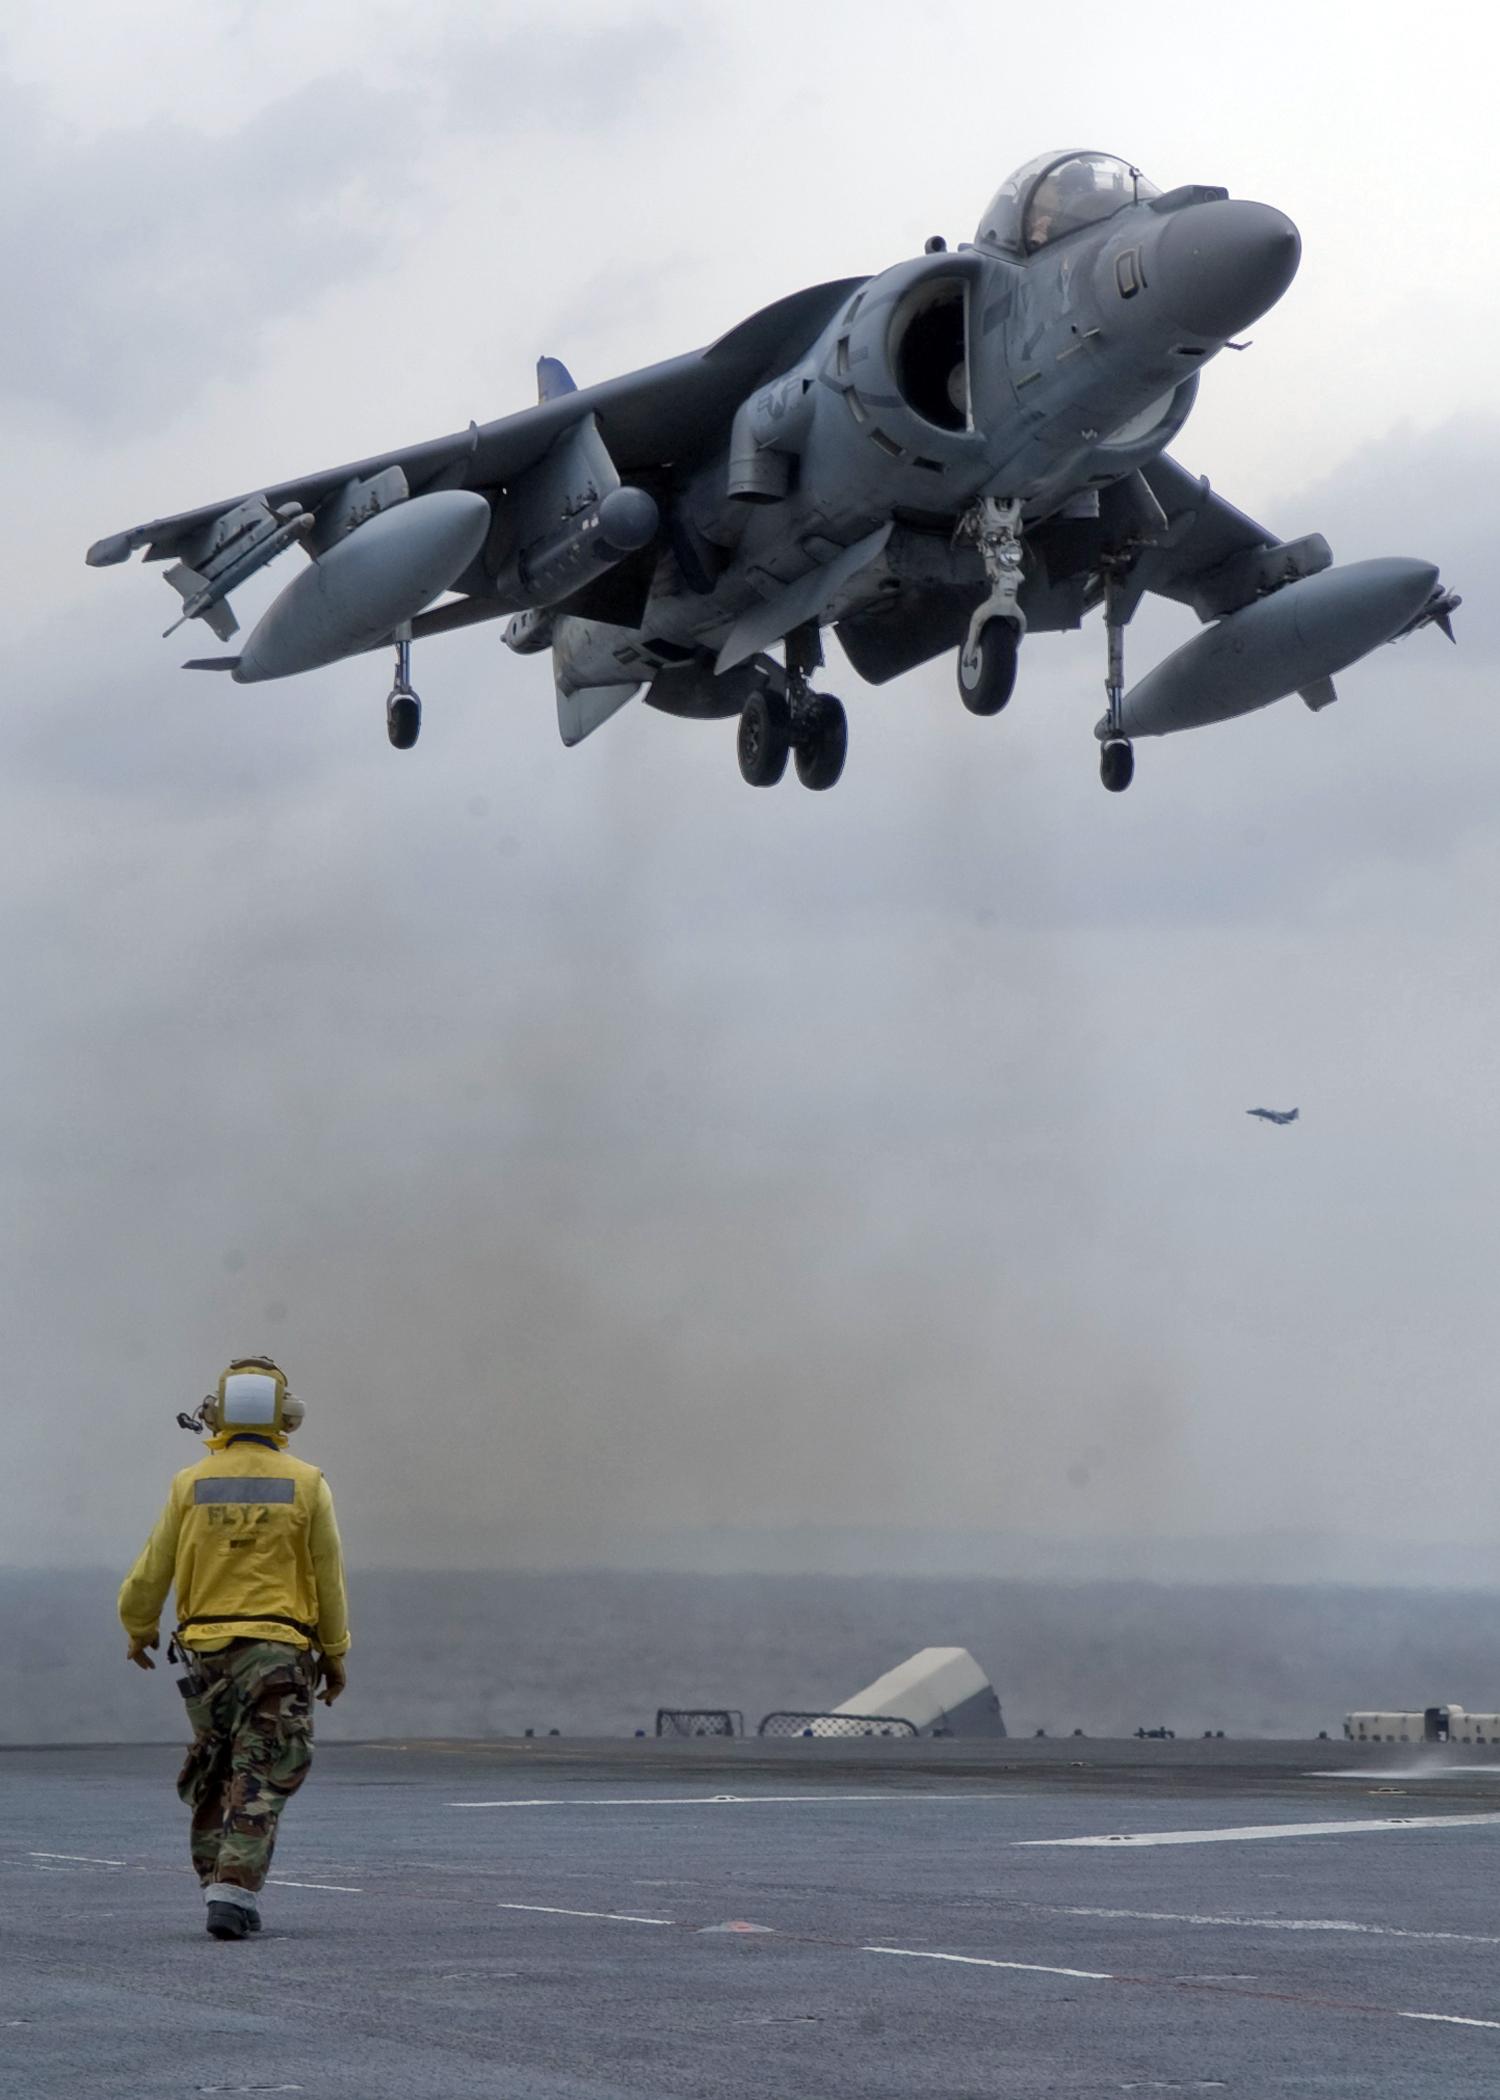 AV-8B_Harrier_II_landing_on_USS_Essex_ID_080429-N-5253W-002.jpg